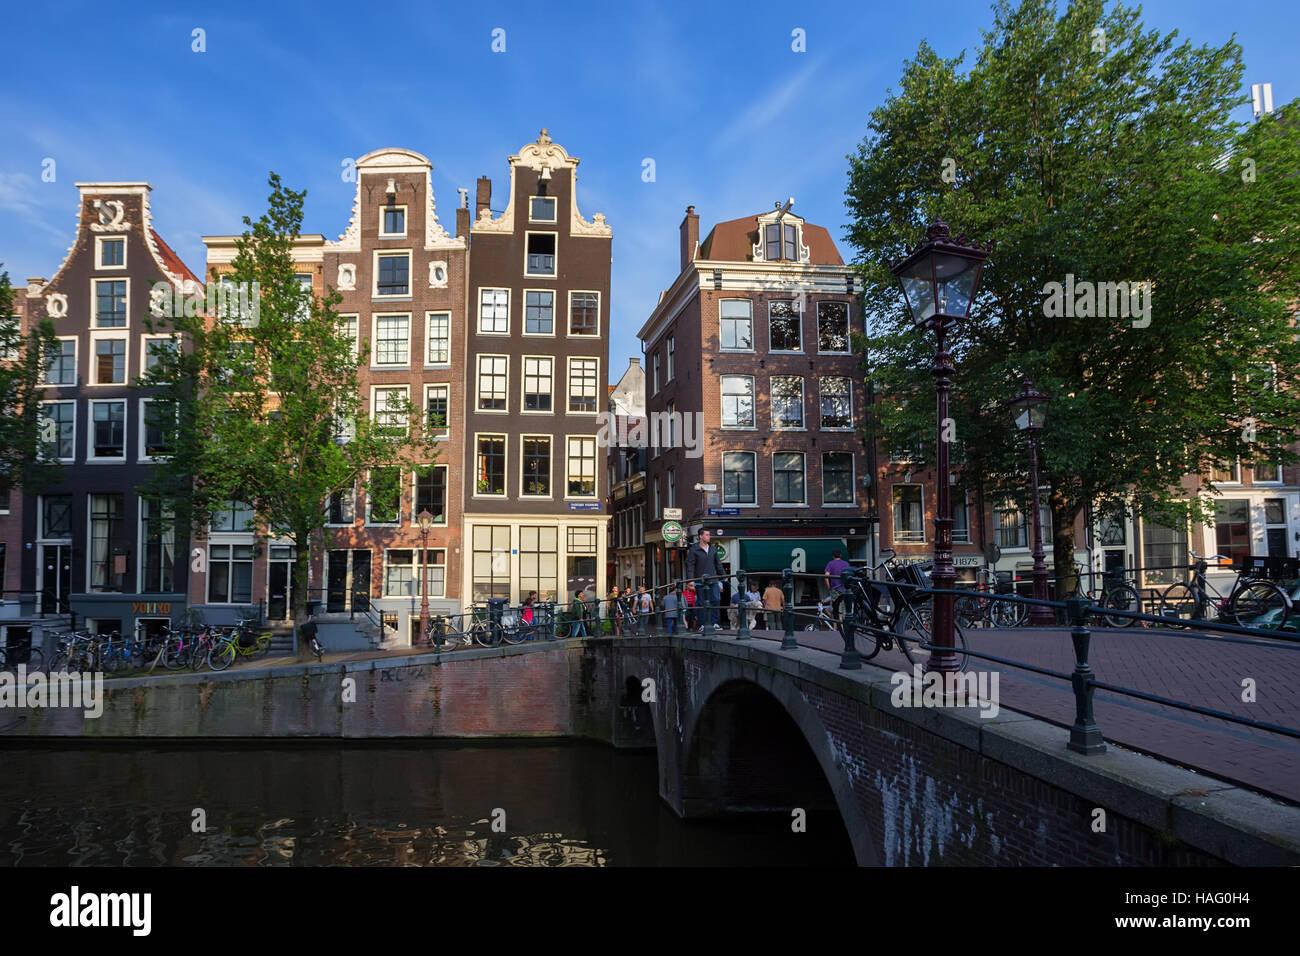 AMSTERDAM - CA. JUNI 2014 Stockbild